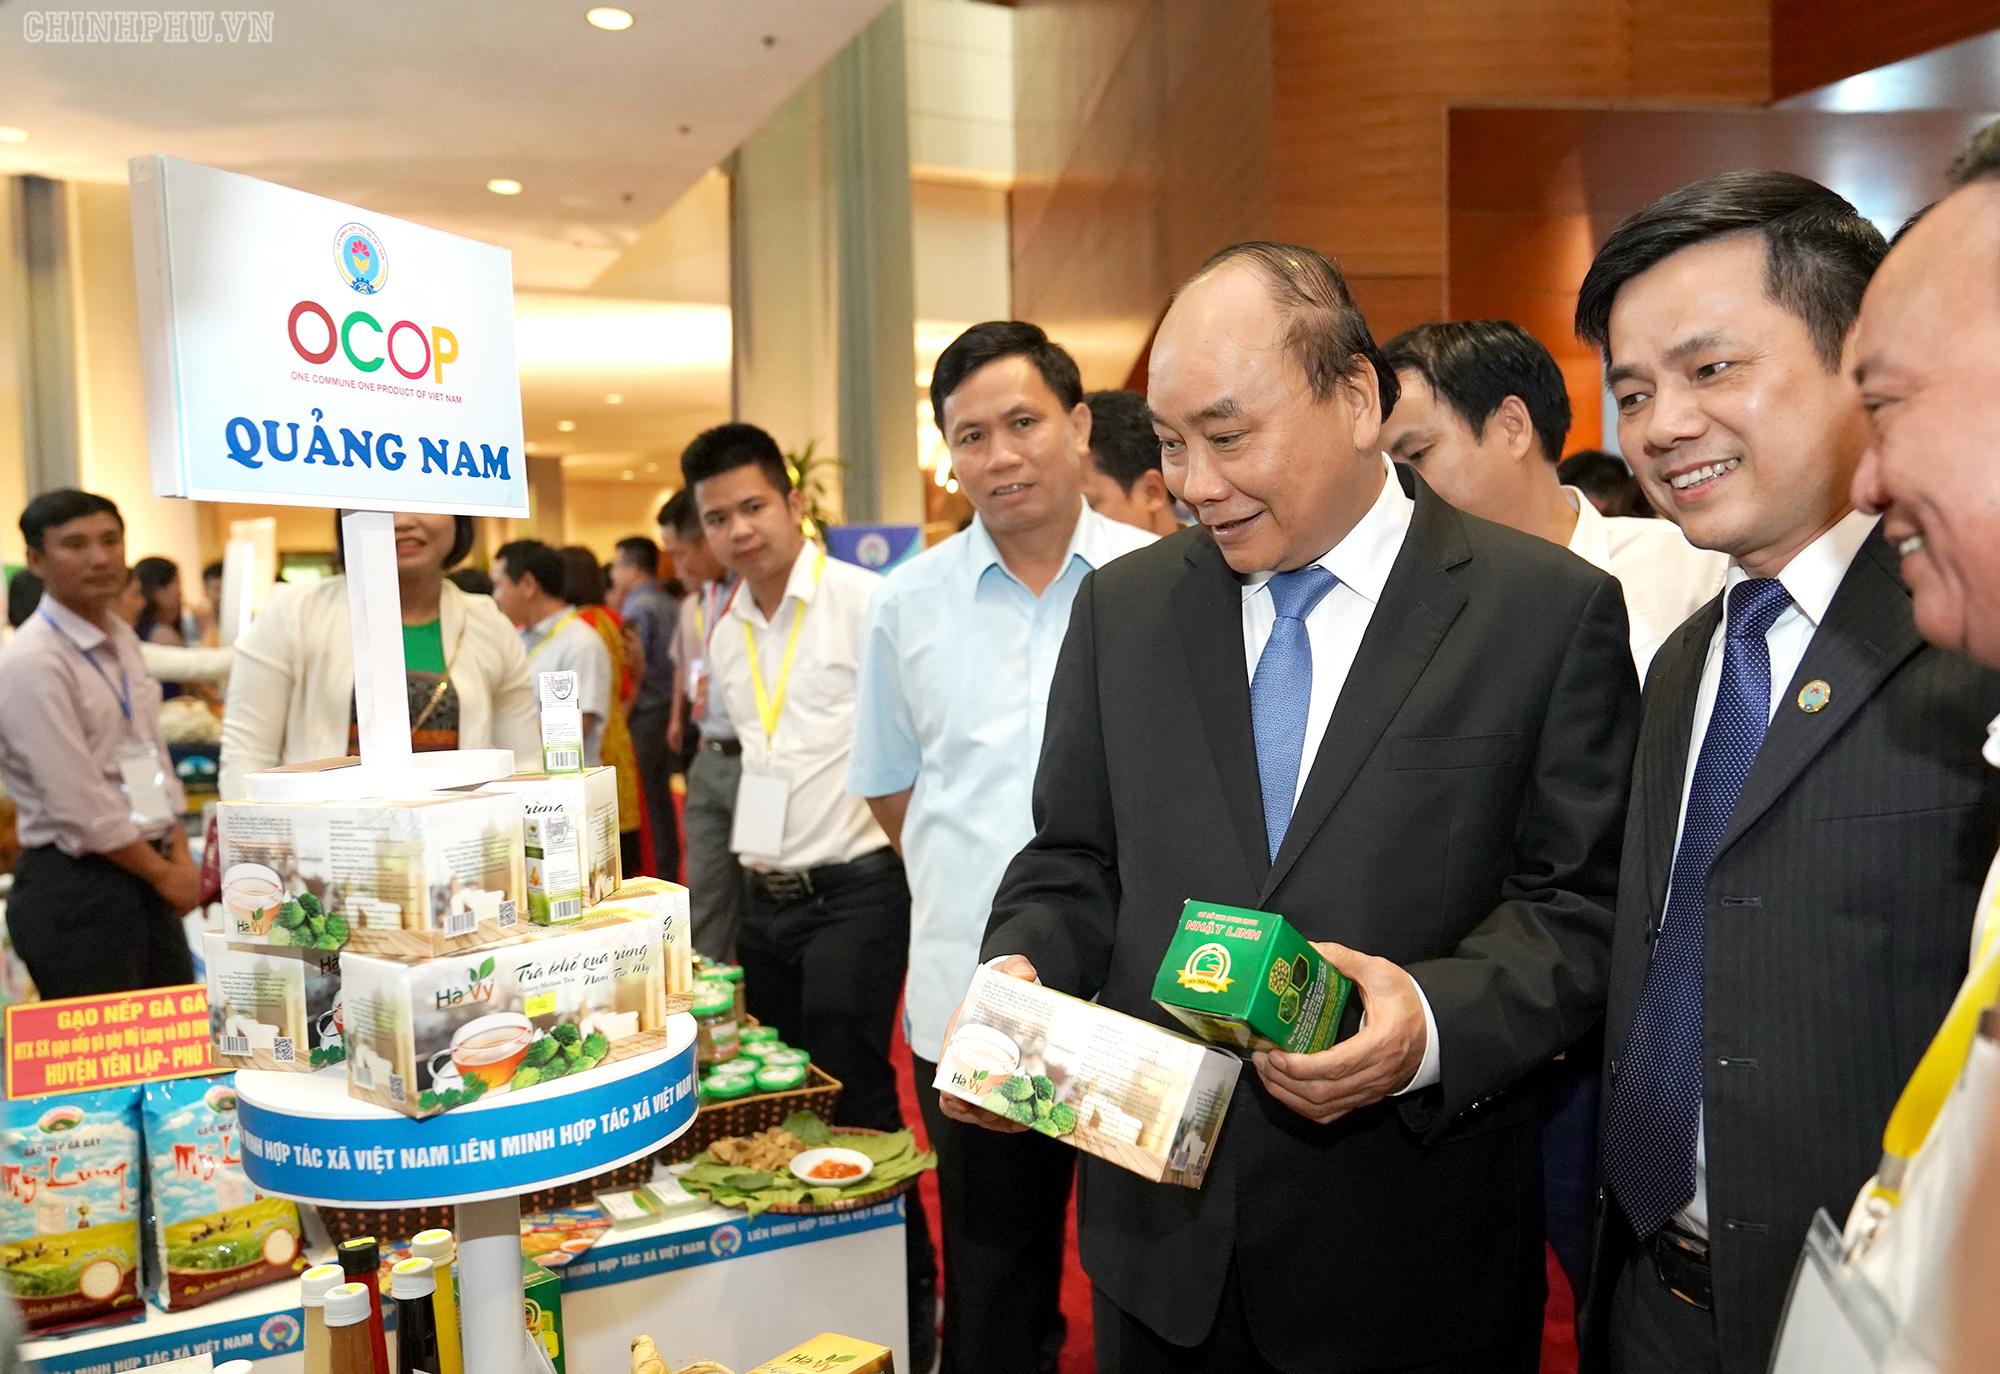 Thủ tướng Nguyễn Xuân Phúc thăm các gian hàng tại Hội nghị - Ảnh: VGP/Quang Hiếu